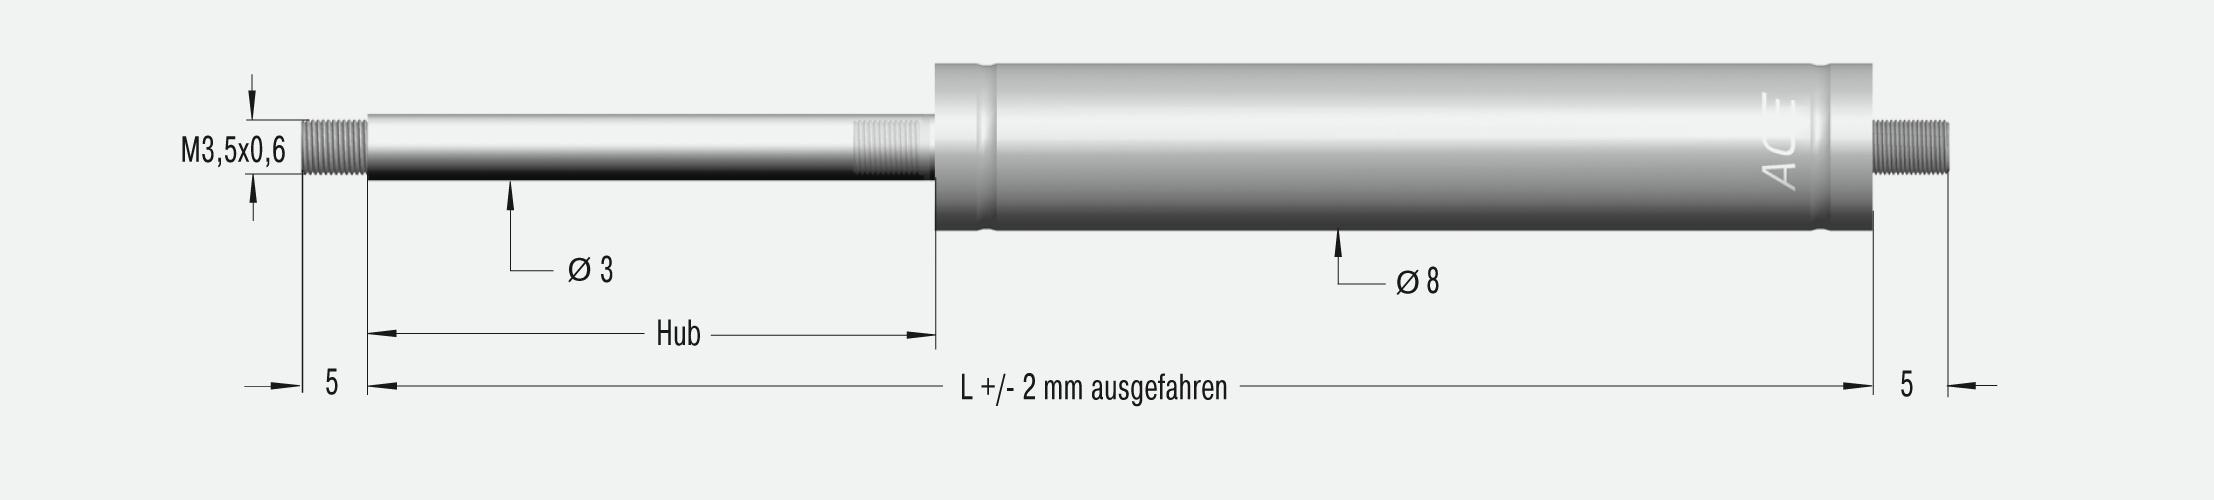 GS-8-20-V4A